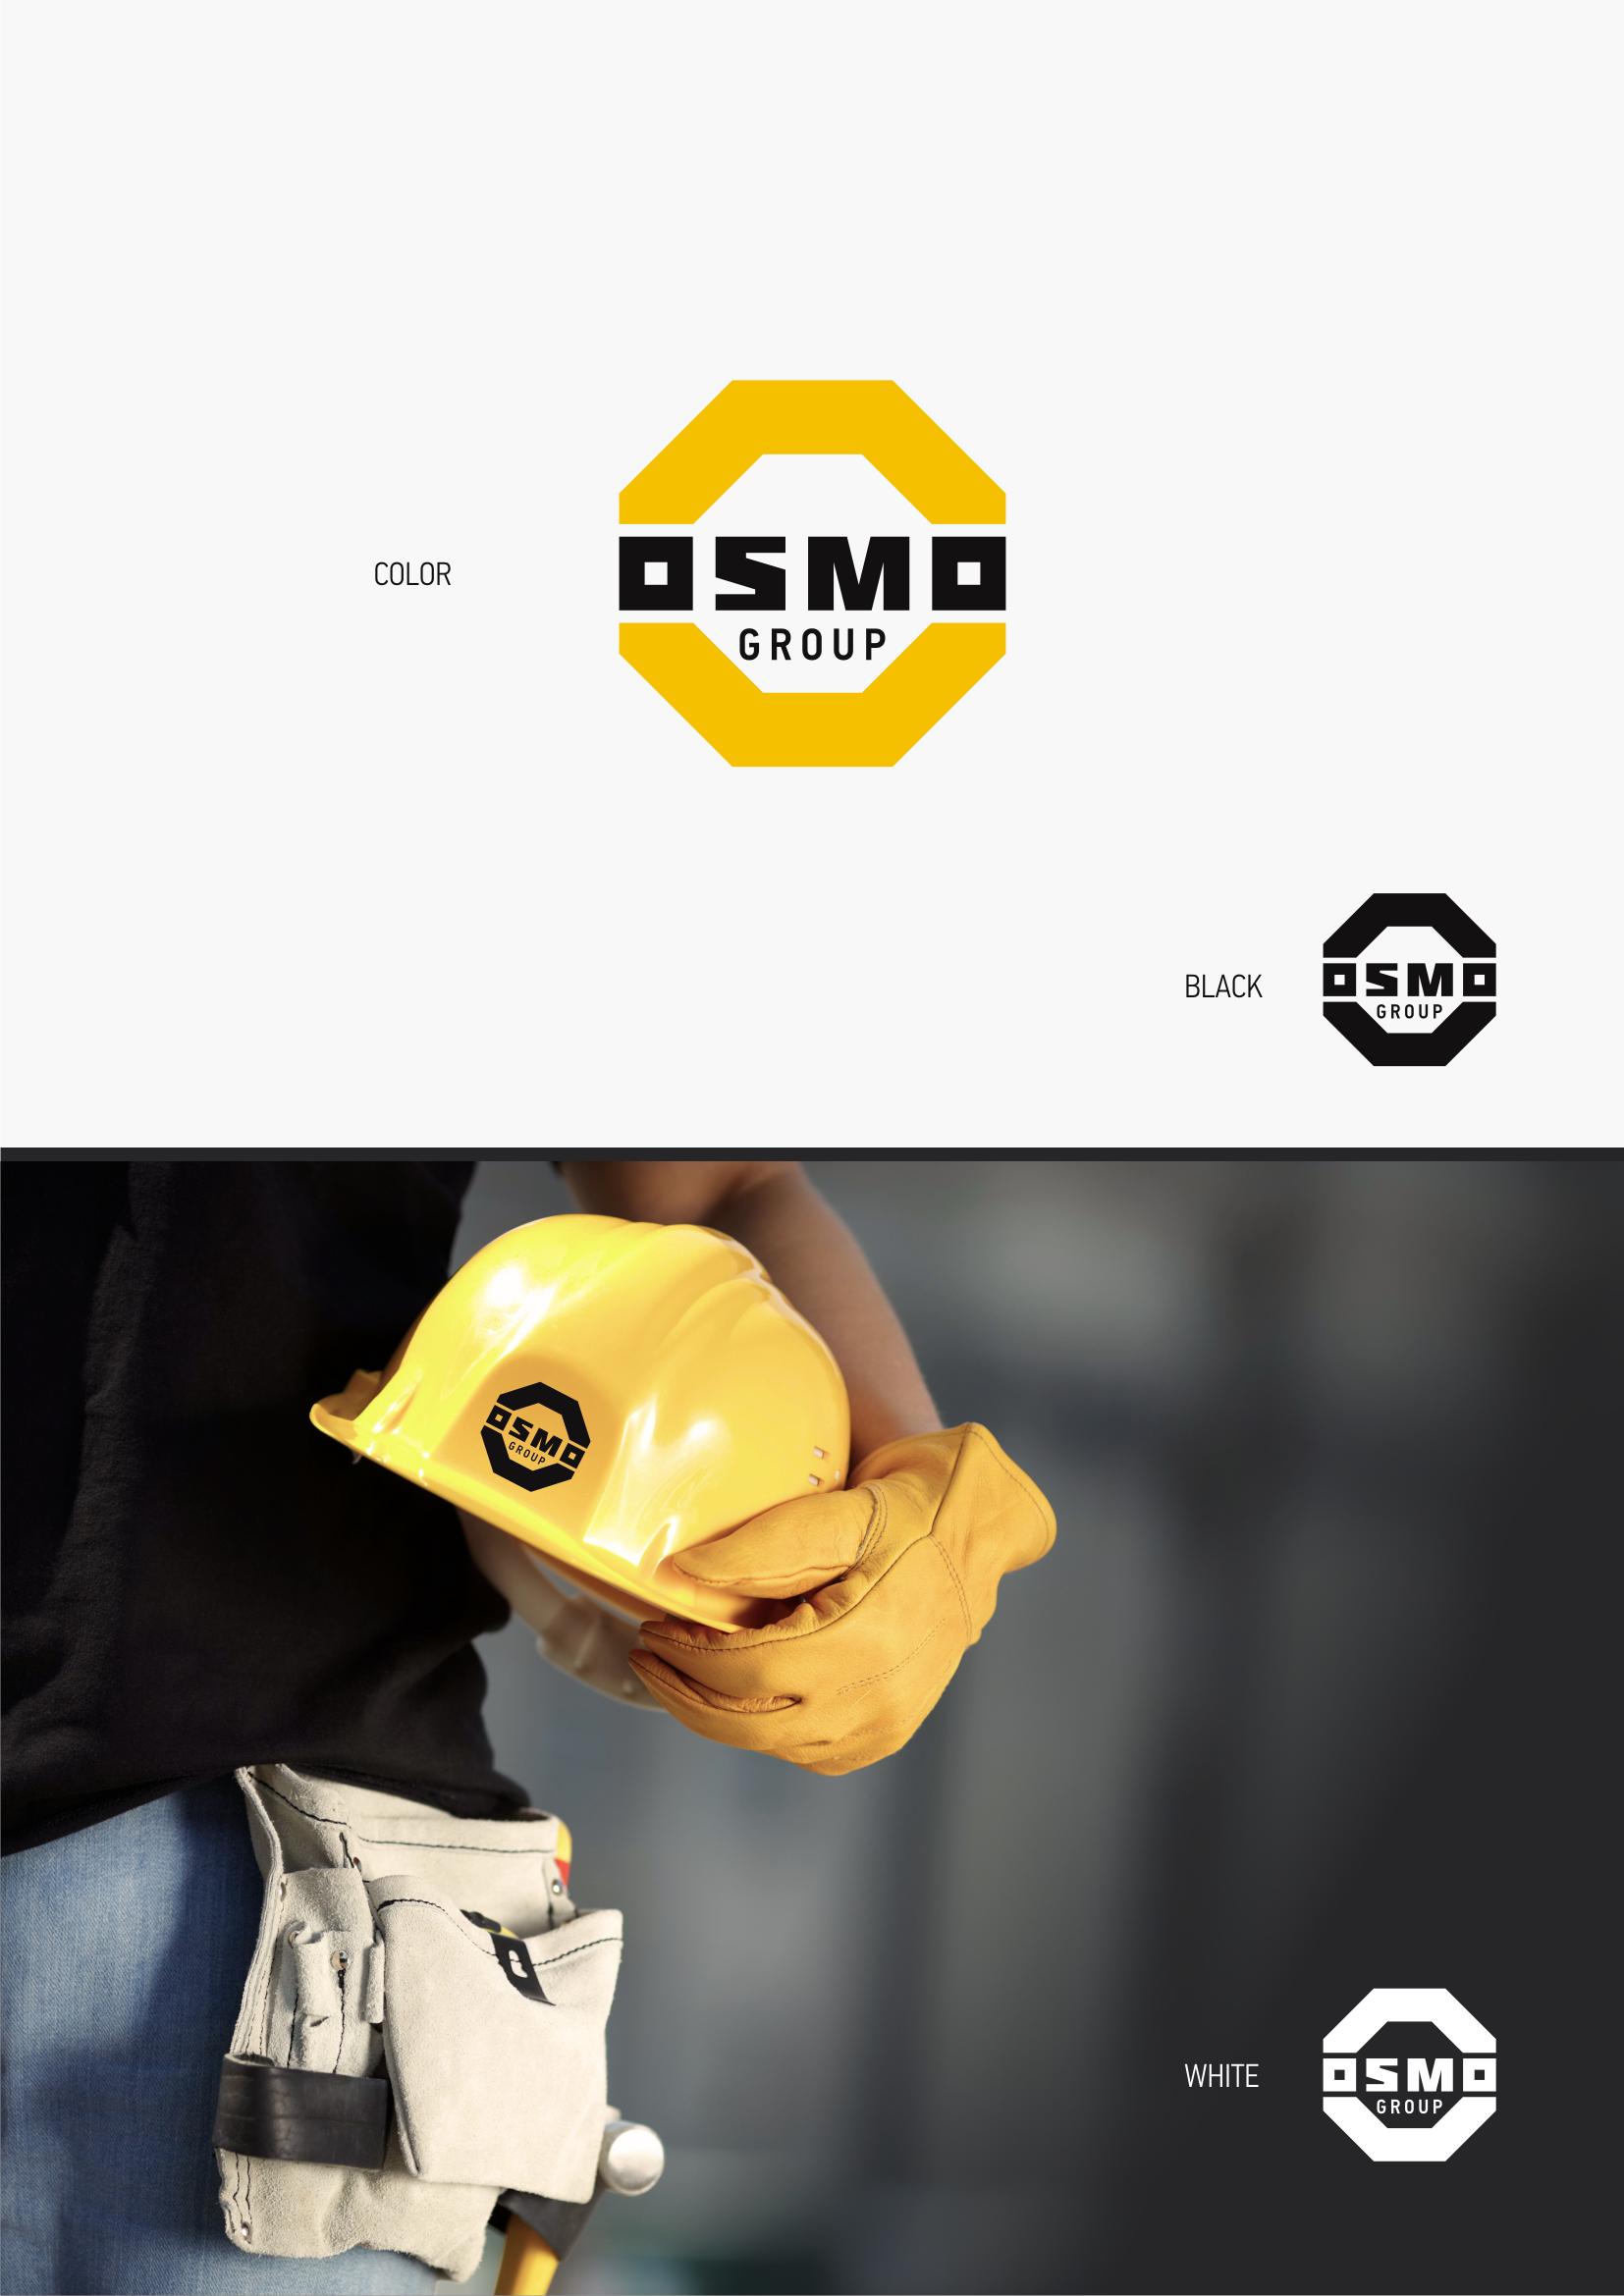 Создание логотипа для строительной компании OSMO group  фото f_46259b5027fd9704.png